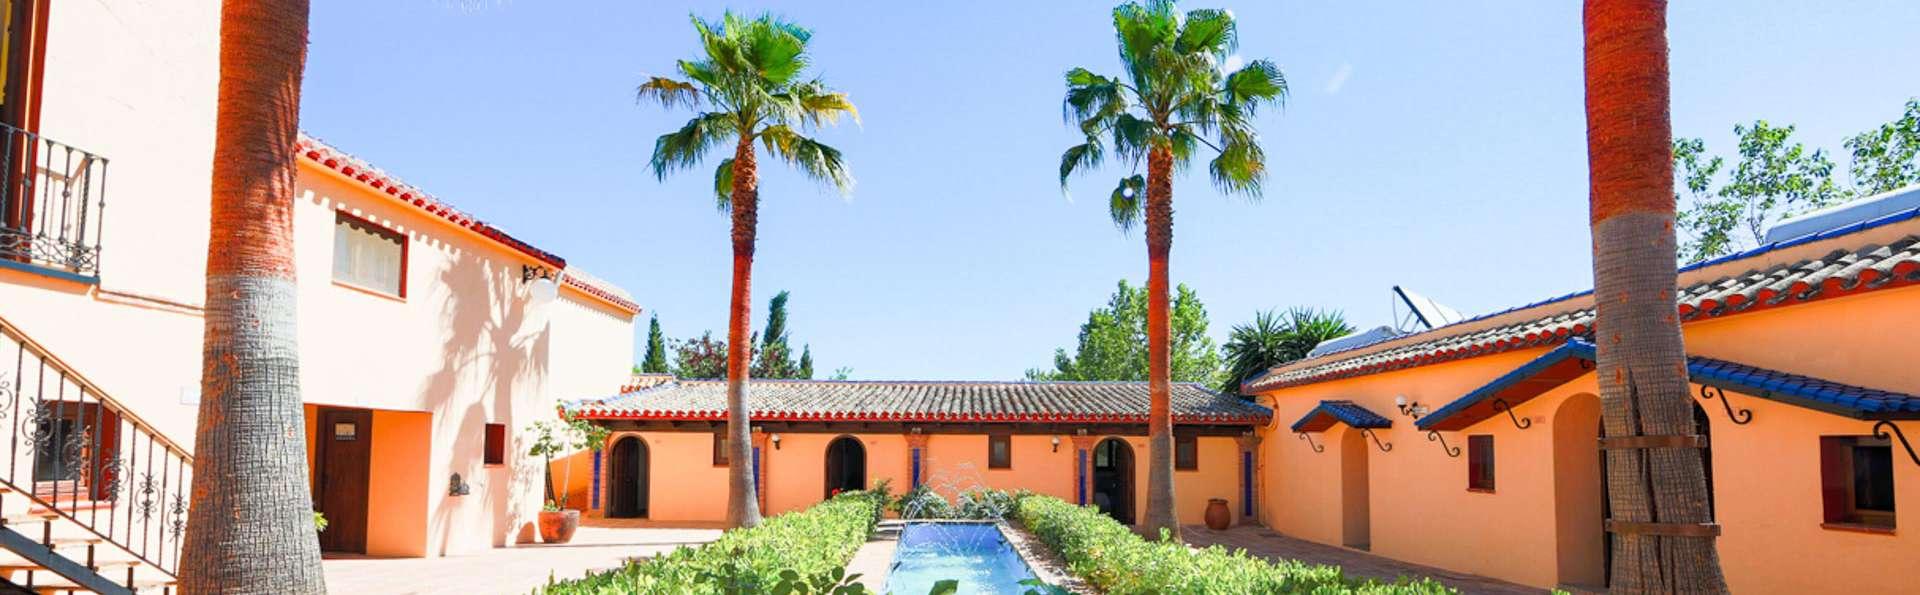 Hacienda Mendoza - EDIT_EXTERIOR_01.jpg